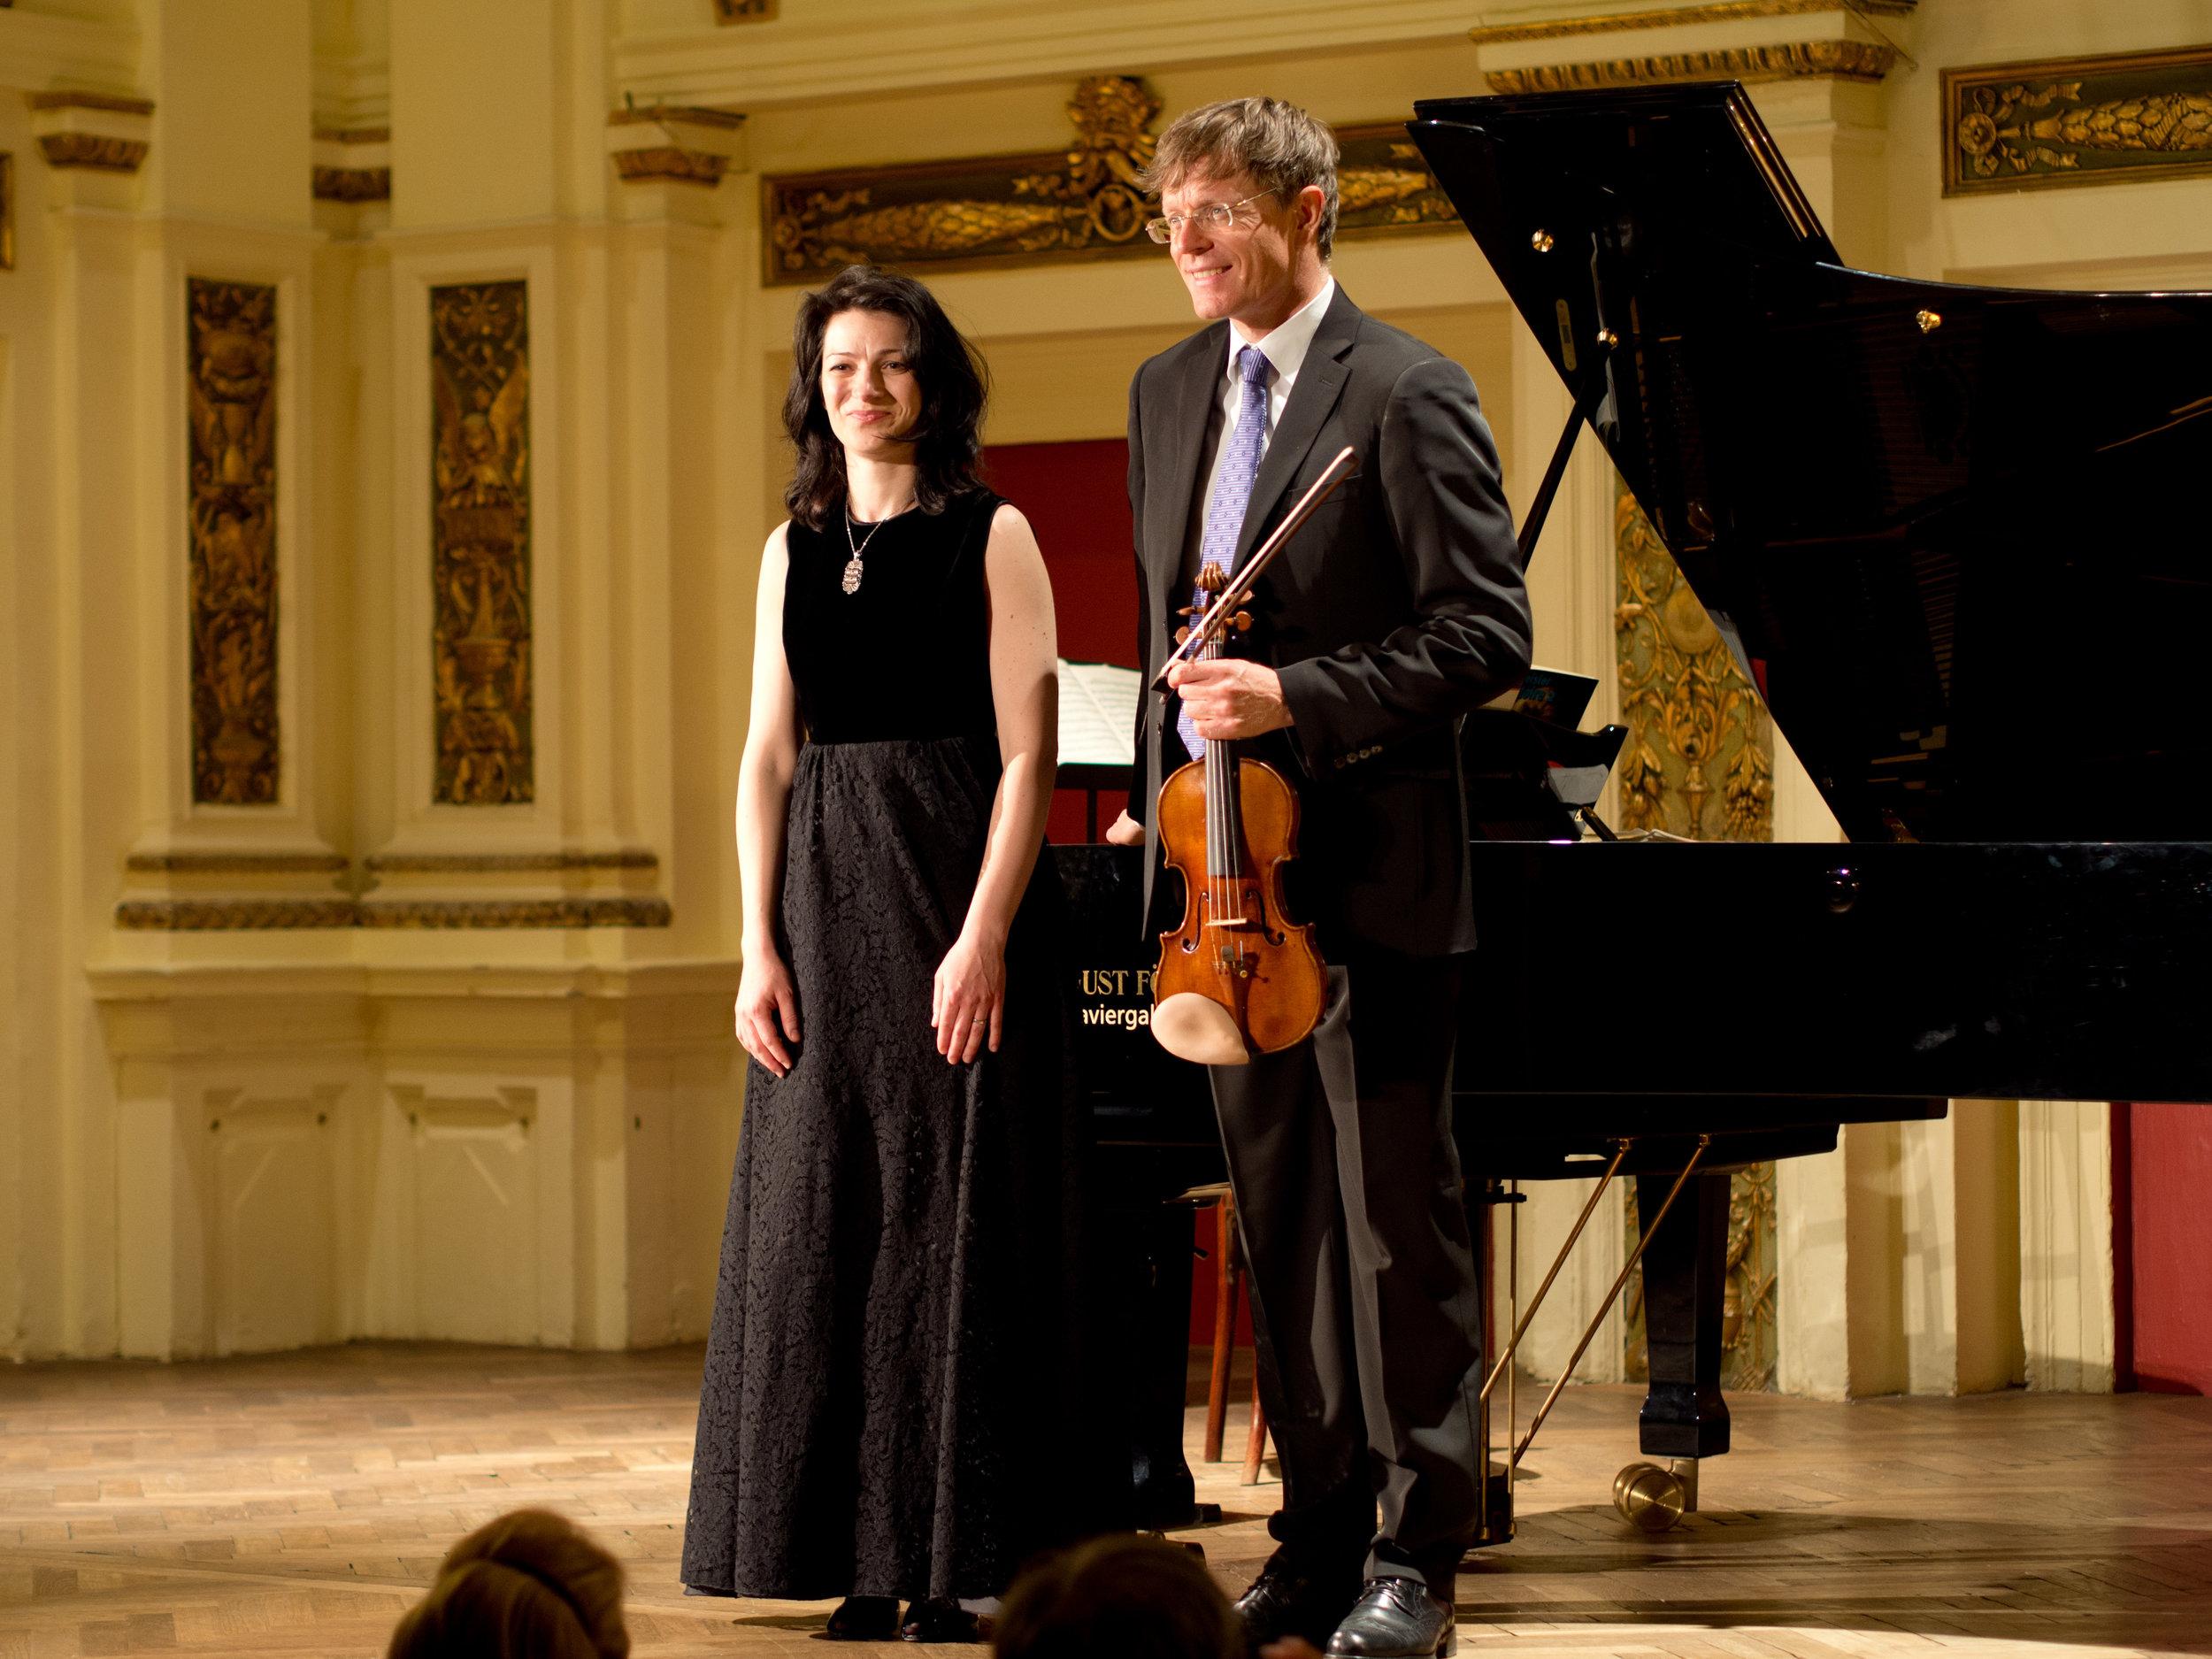 Ehrbar-Saal / 29. April 2017 /Kammermusikabend mit Volkhard Steude